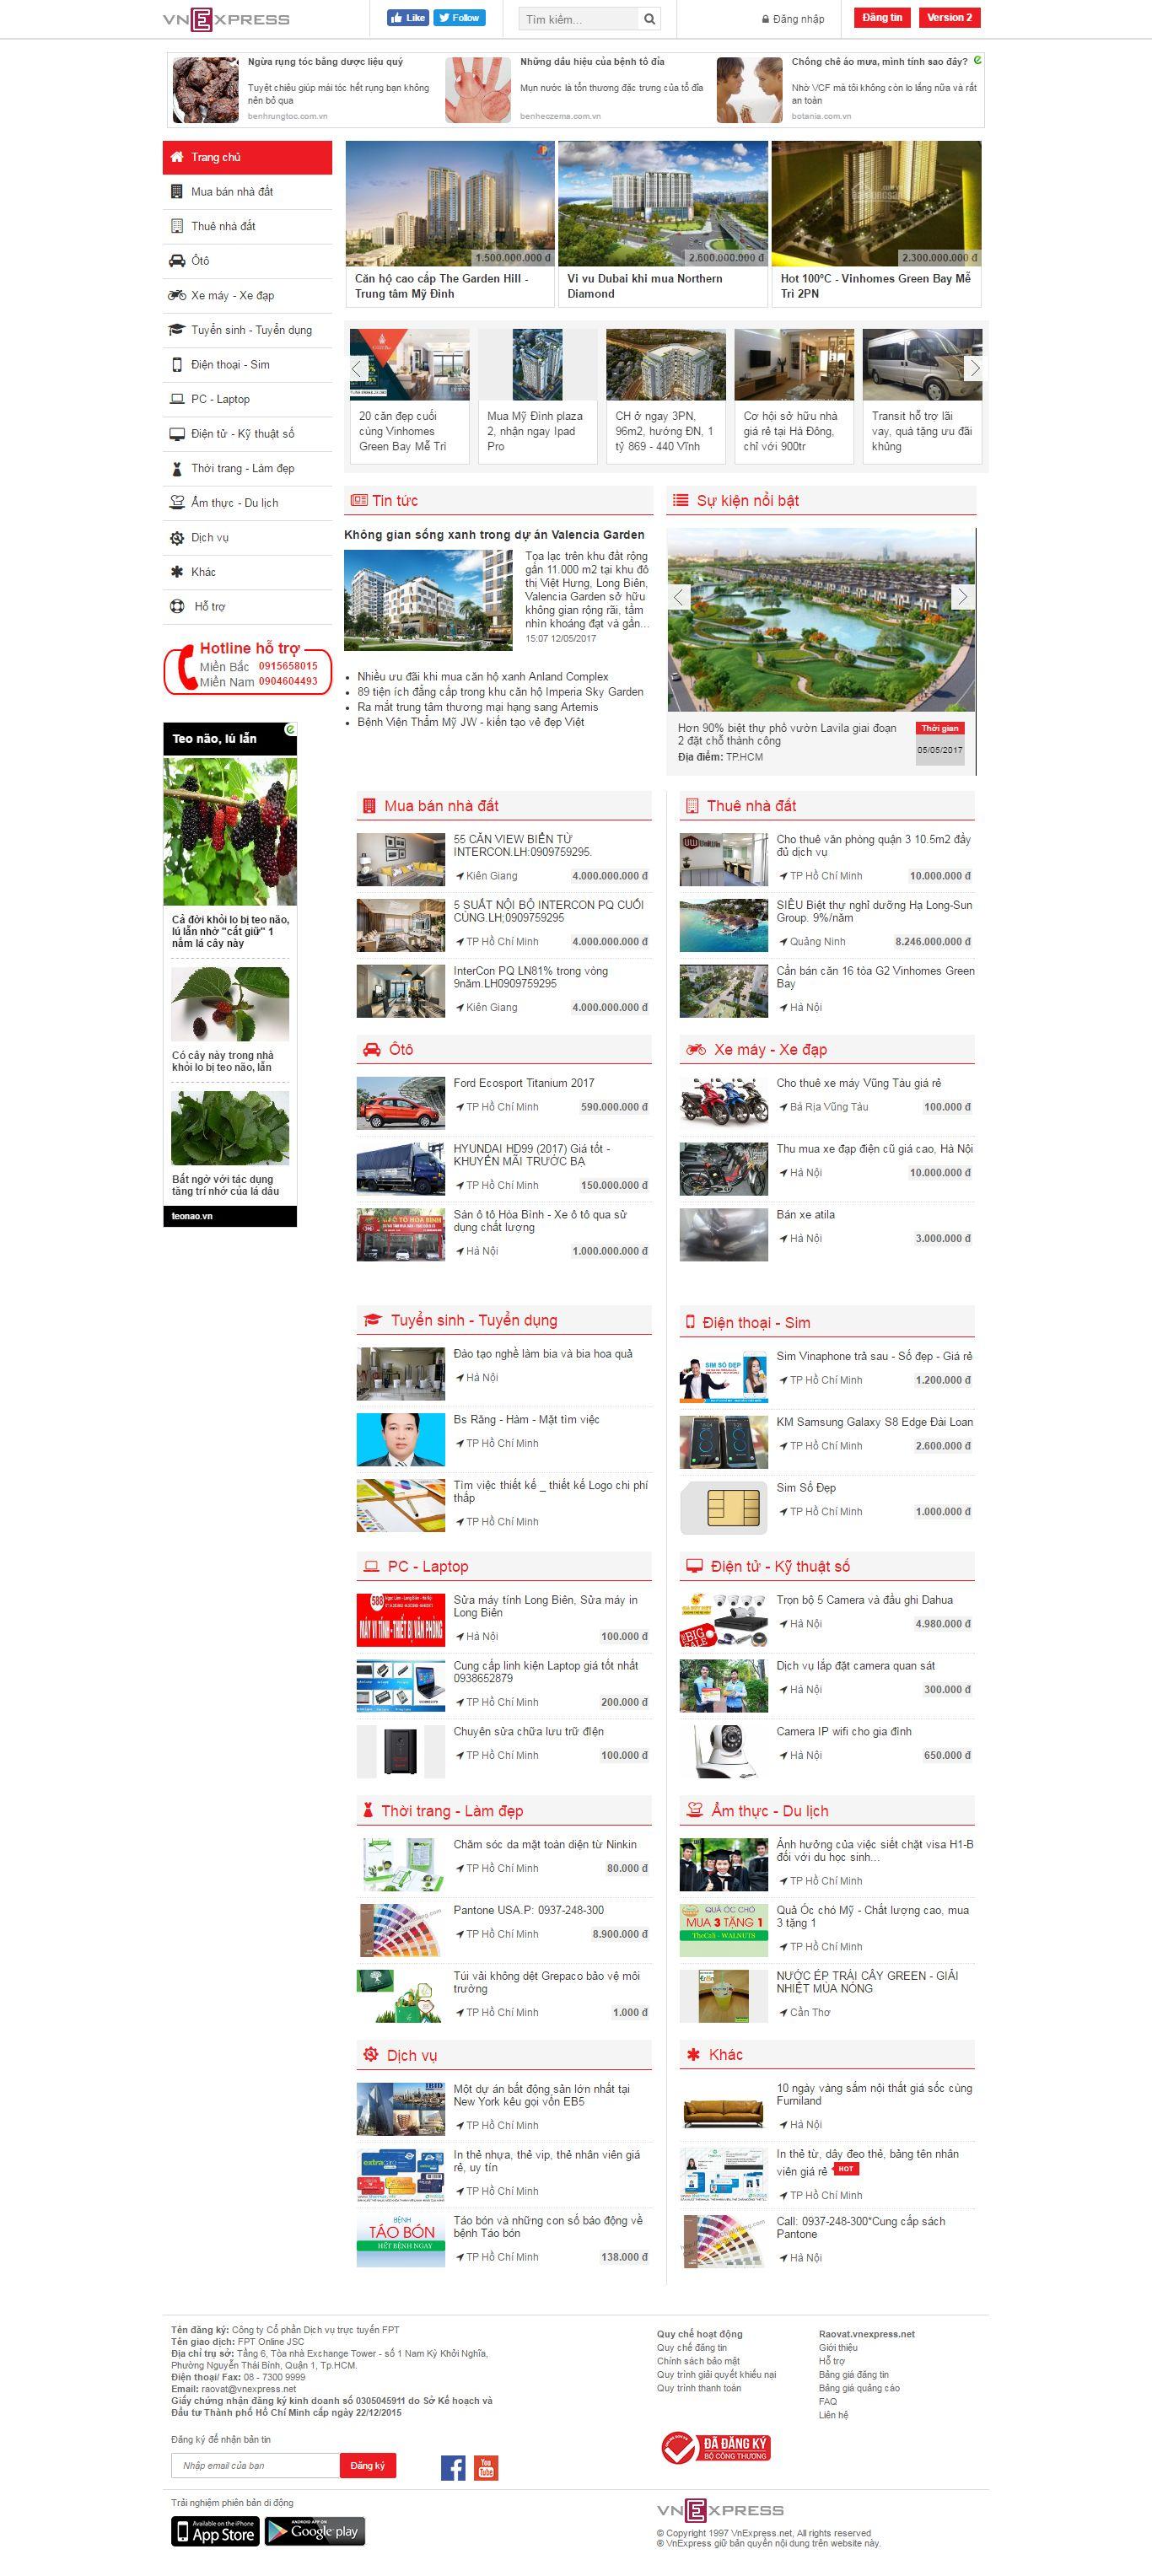 Thiết kế website mua án rao vặt VnExpress đẹp, chuyên nghiệp chuẩn SEO